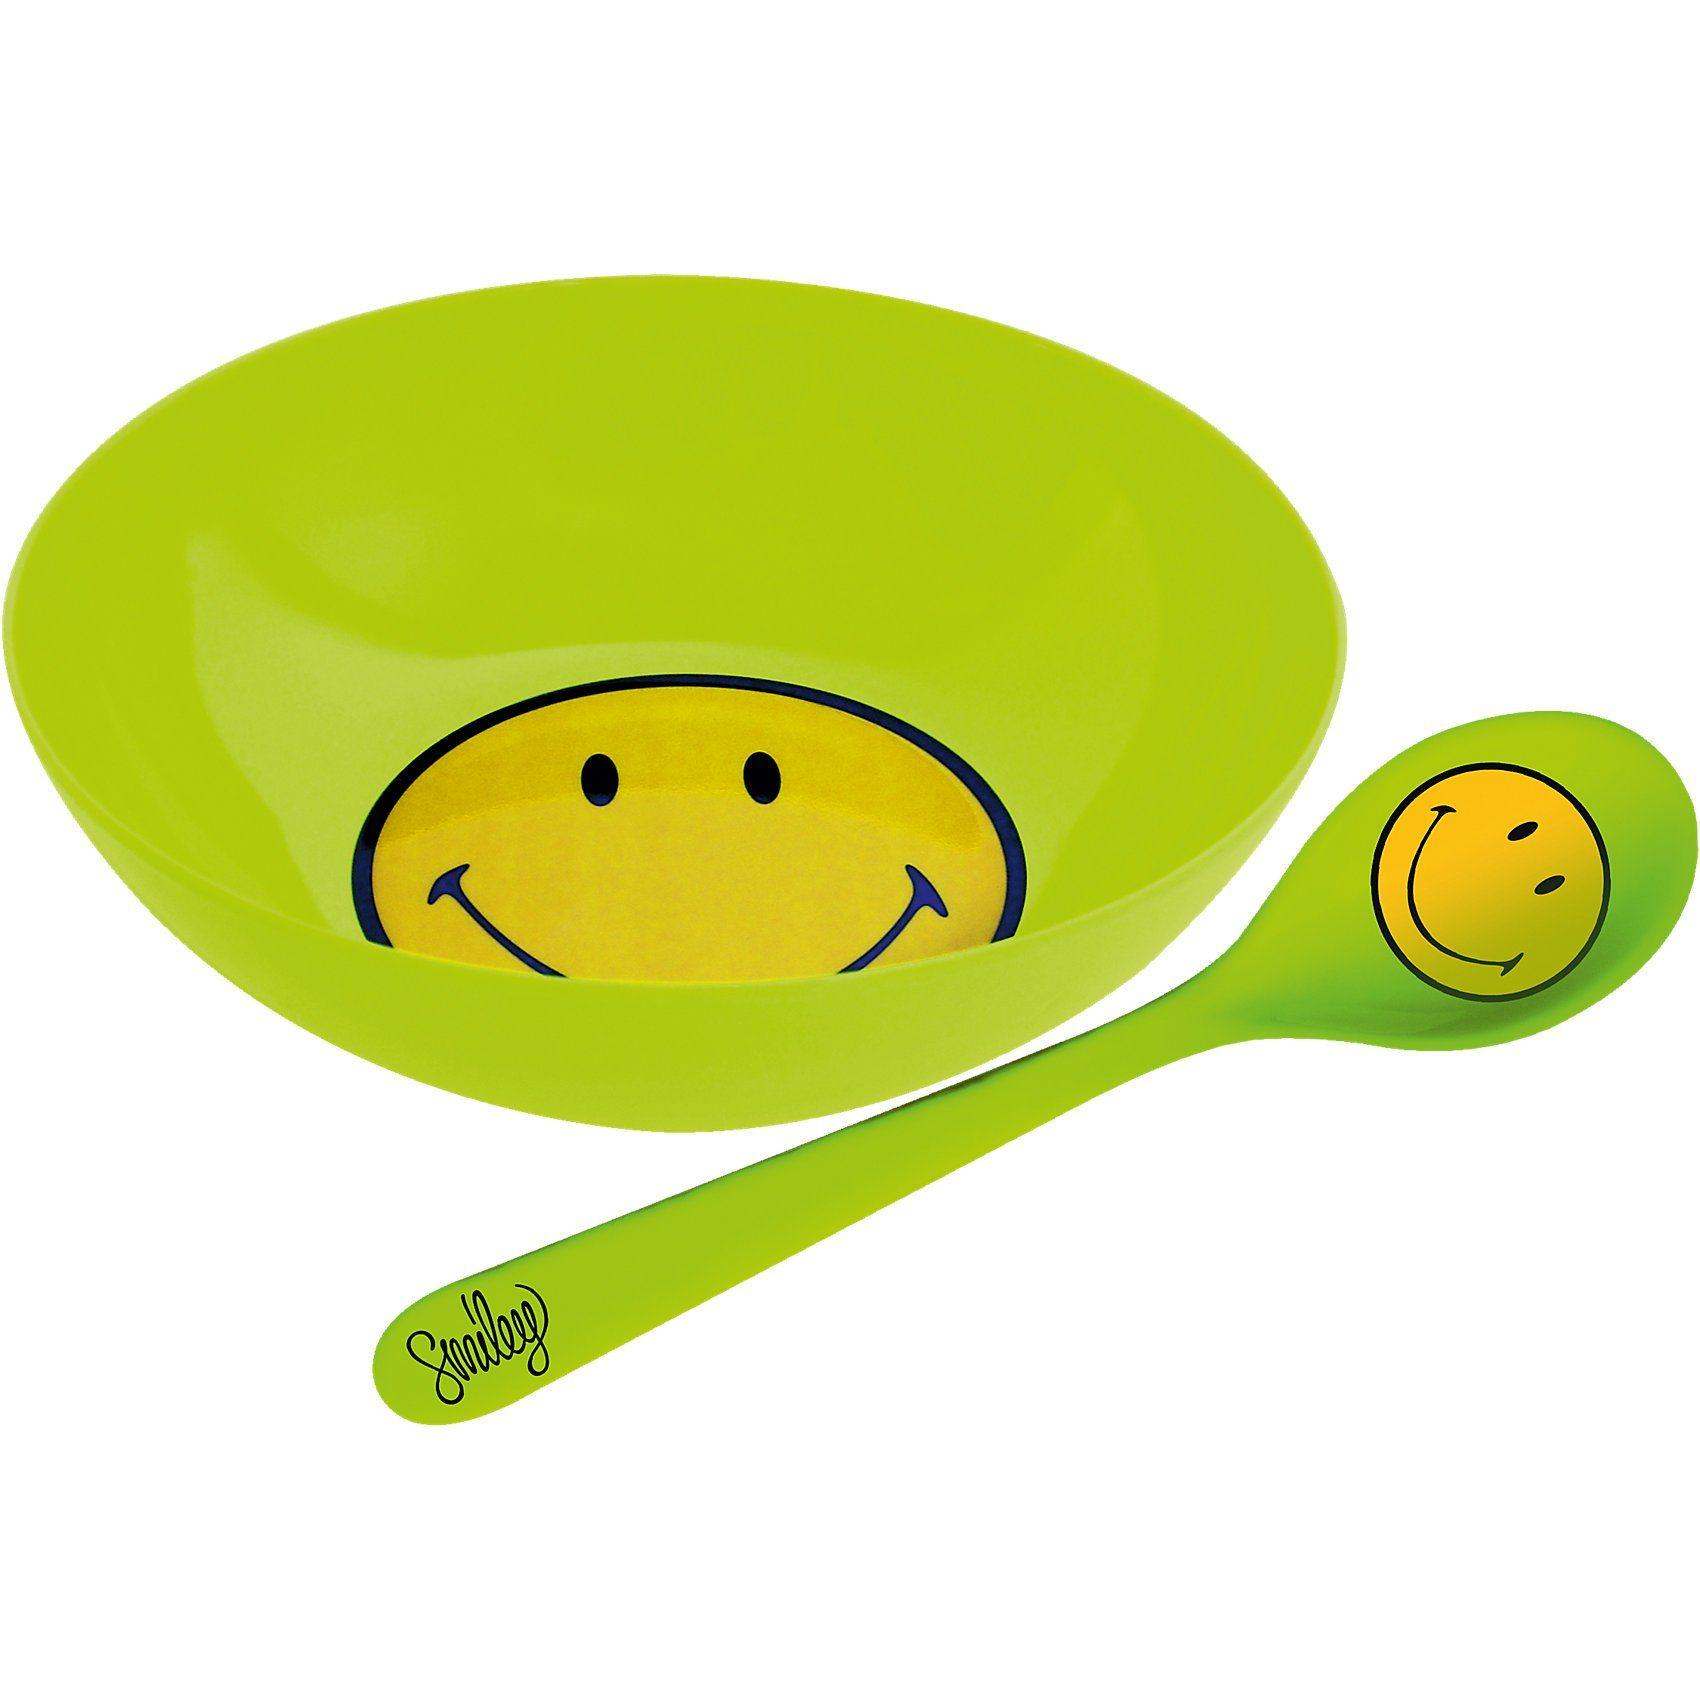 Smiley Frühstücksset, grün